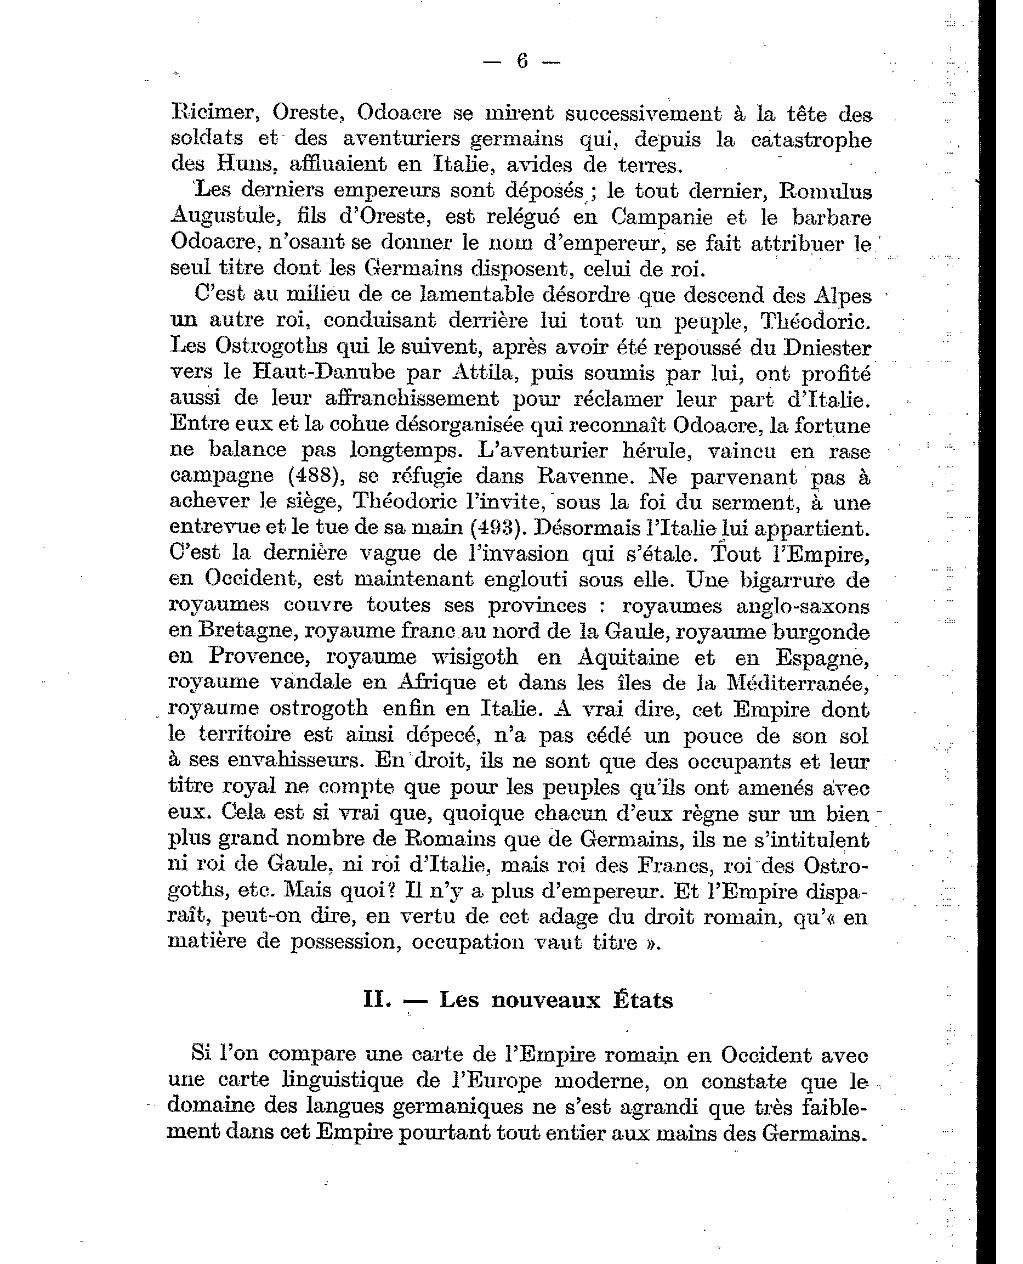 Page pirenne histoire de l europe des invasions au xvie - En fait de meuble possession vaut titre ...